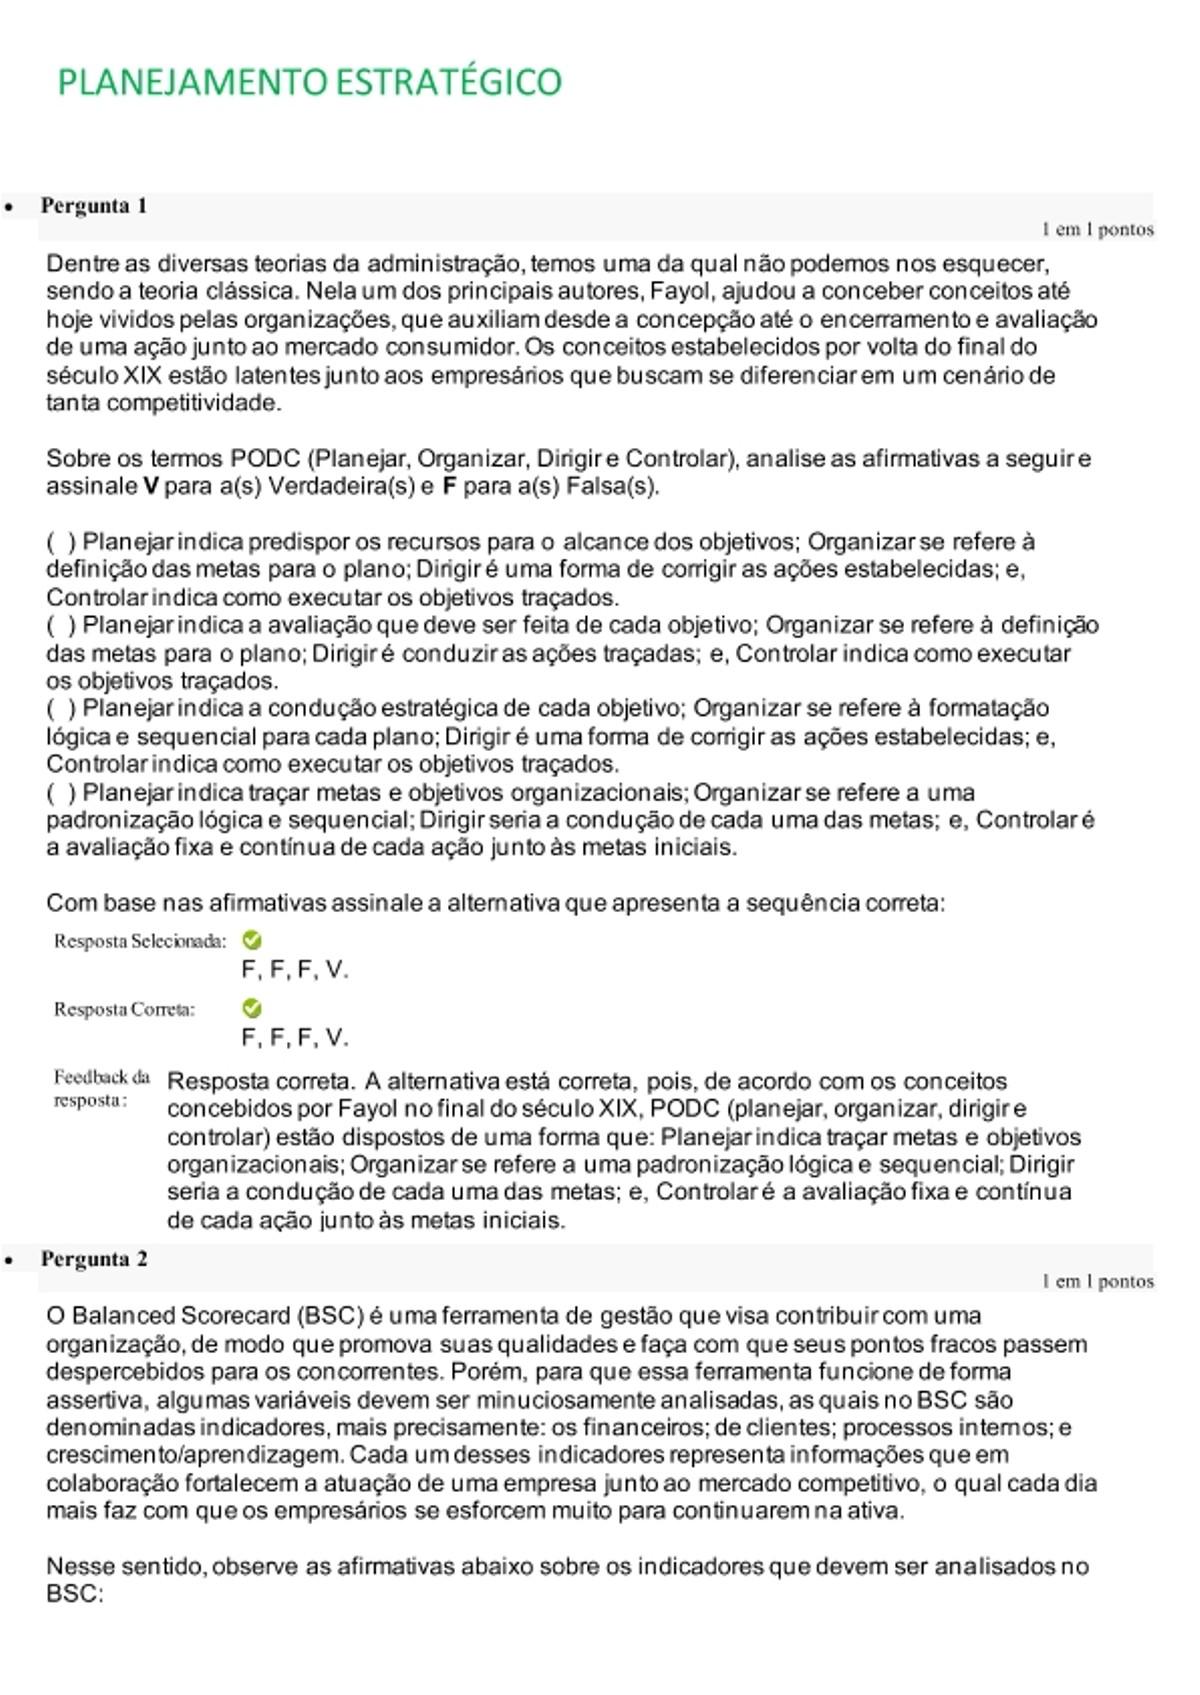 Pre-visualização do material Atividade A2 Planejamento Estratégico UNIFACS - página 1